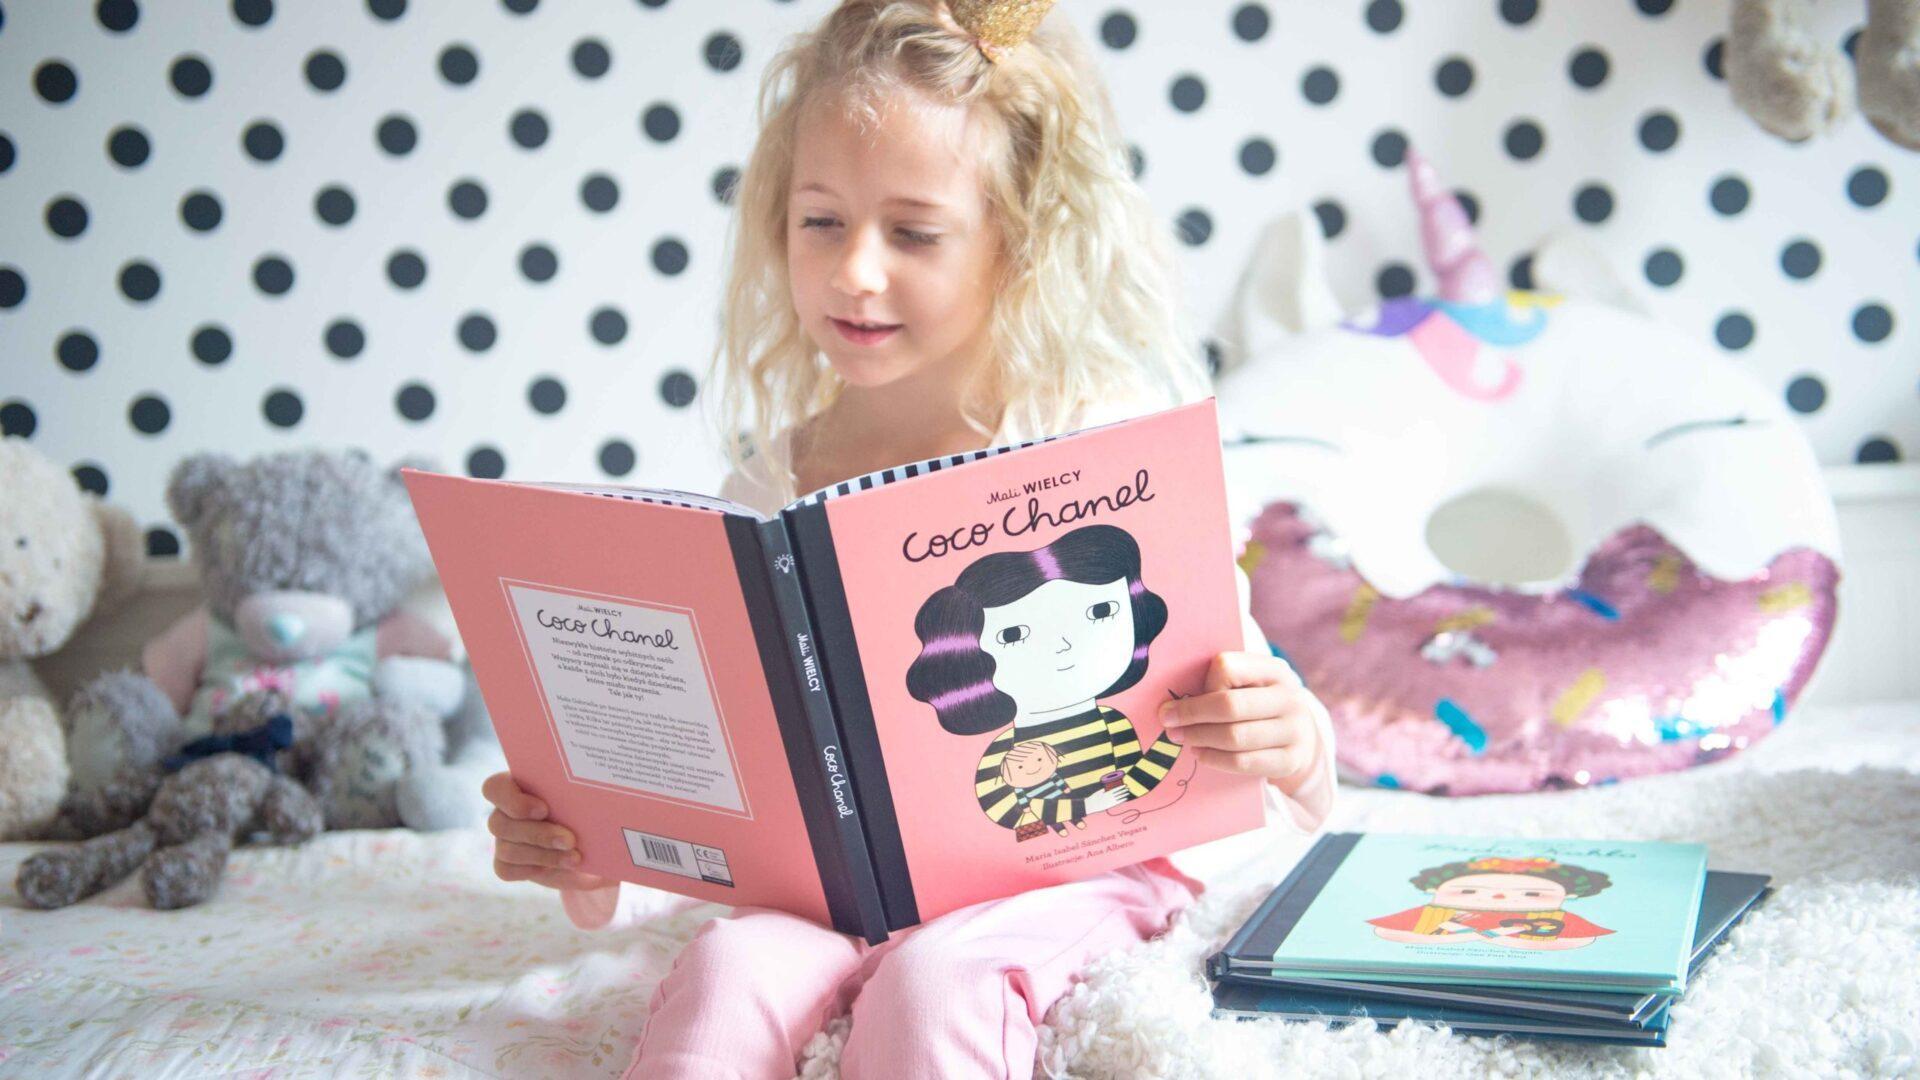 Mali WIELCY – najlepsza seria książek dla dzieci!